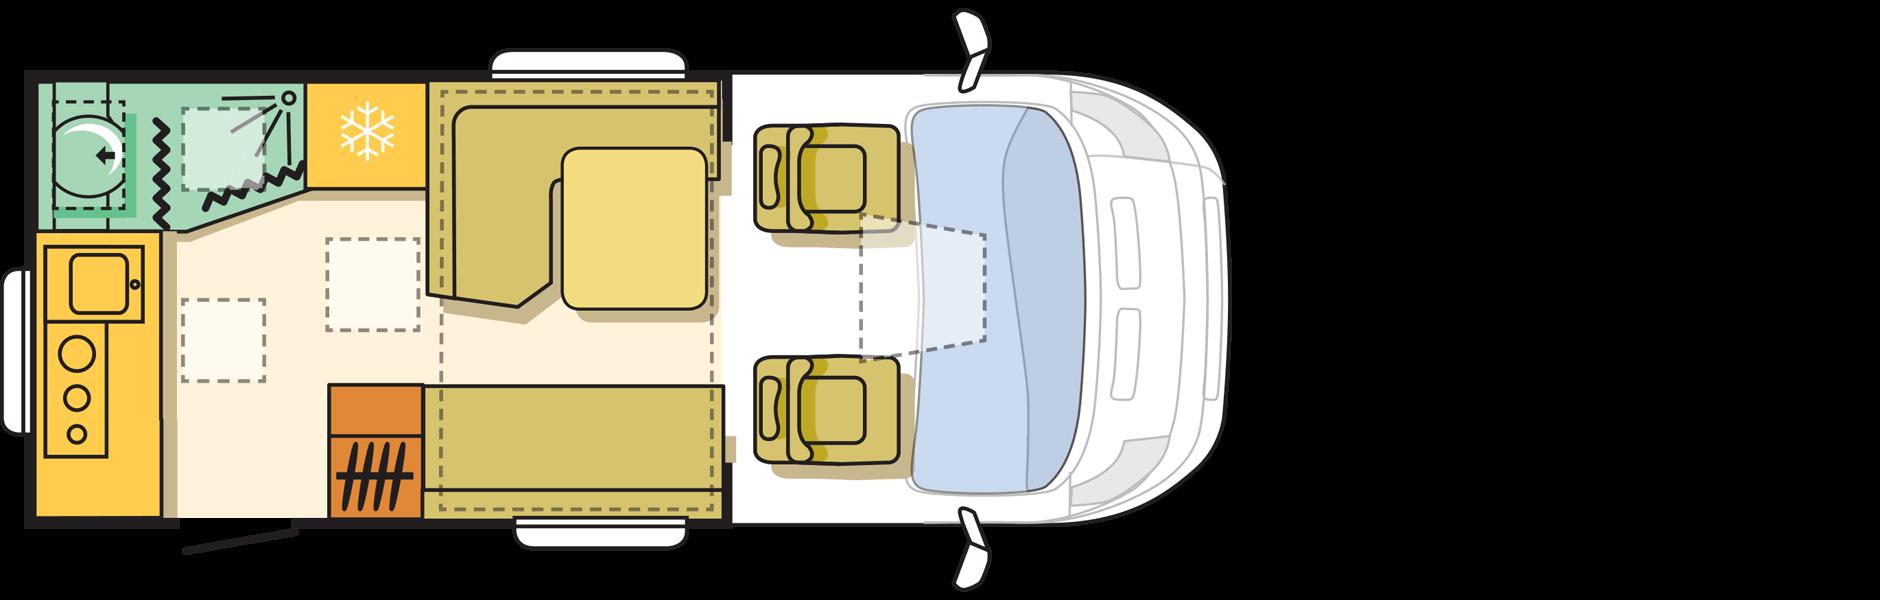 מבנה דגם מטריקס